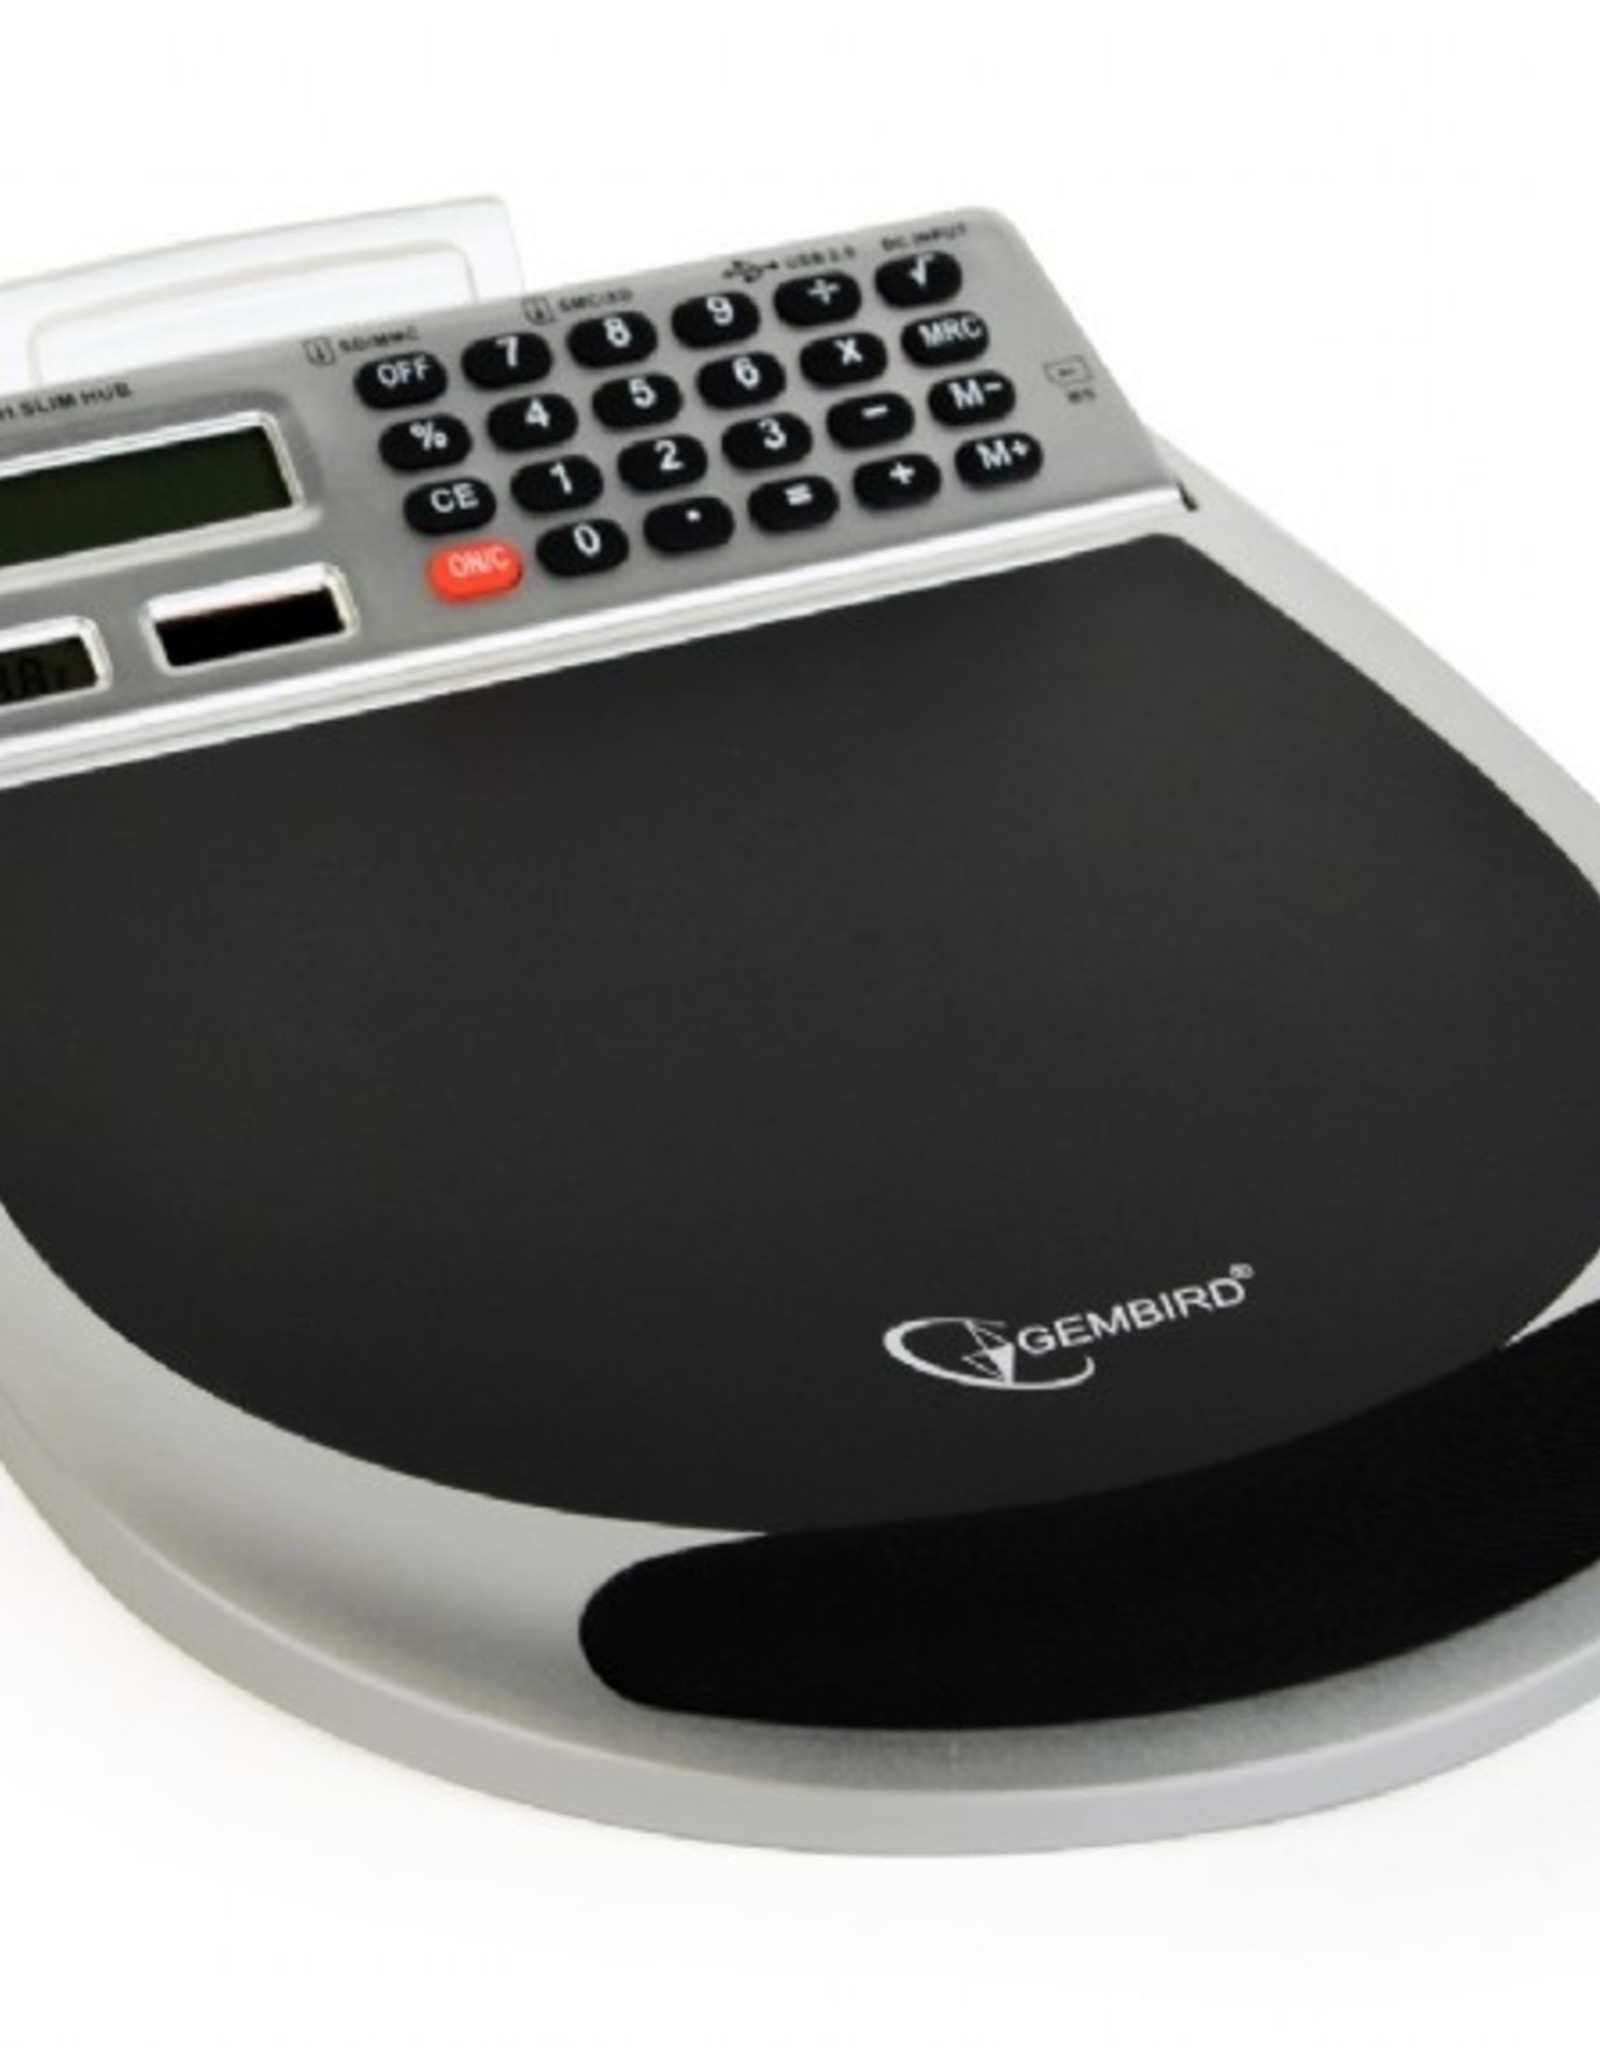 Gembird USB muismat met ingebouwde 3-poort hub, geheugenkaart lezer, calculator en thermometer